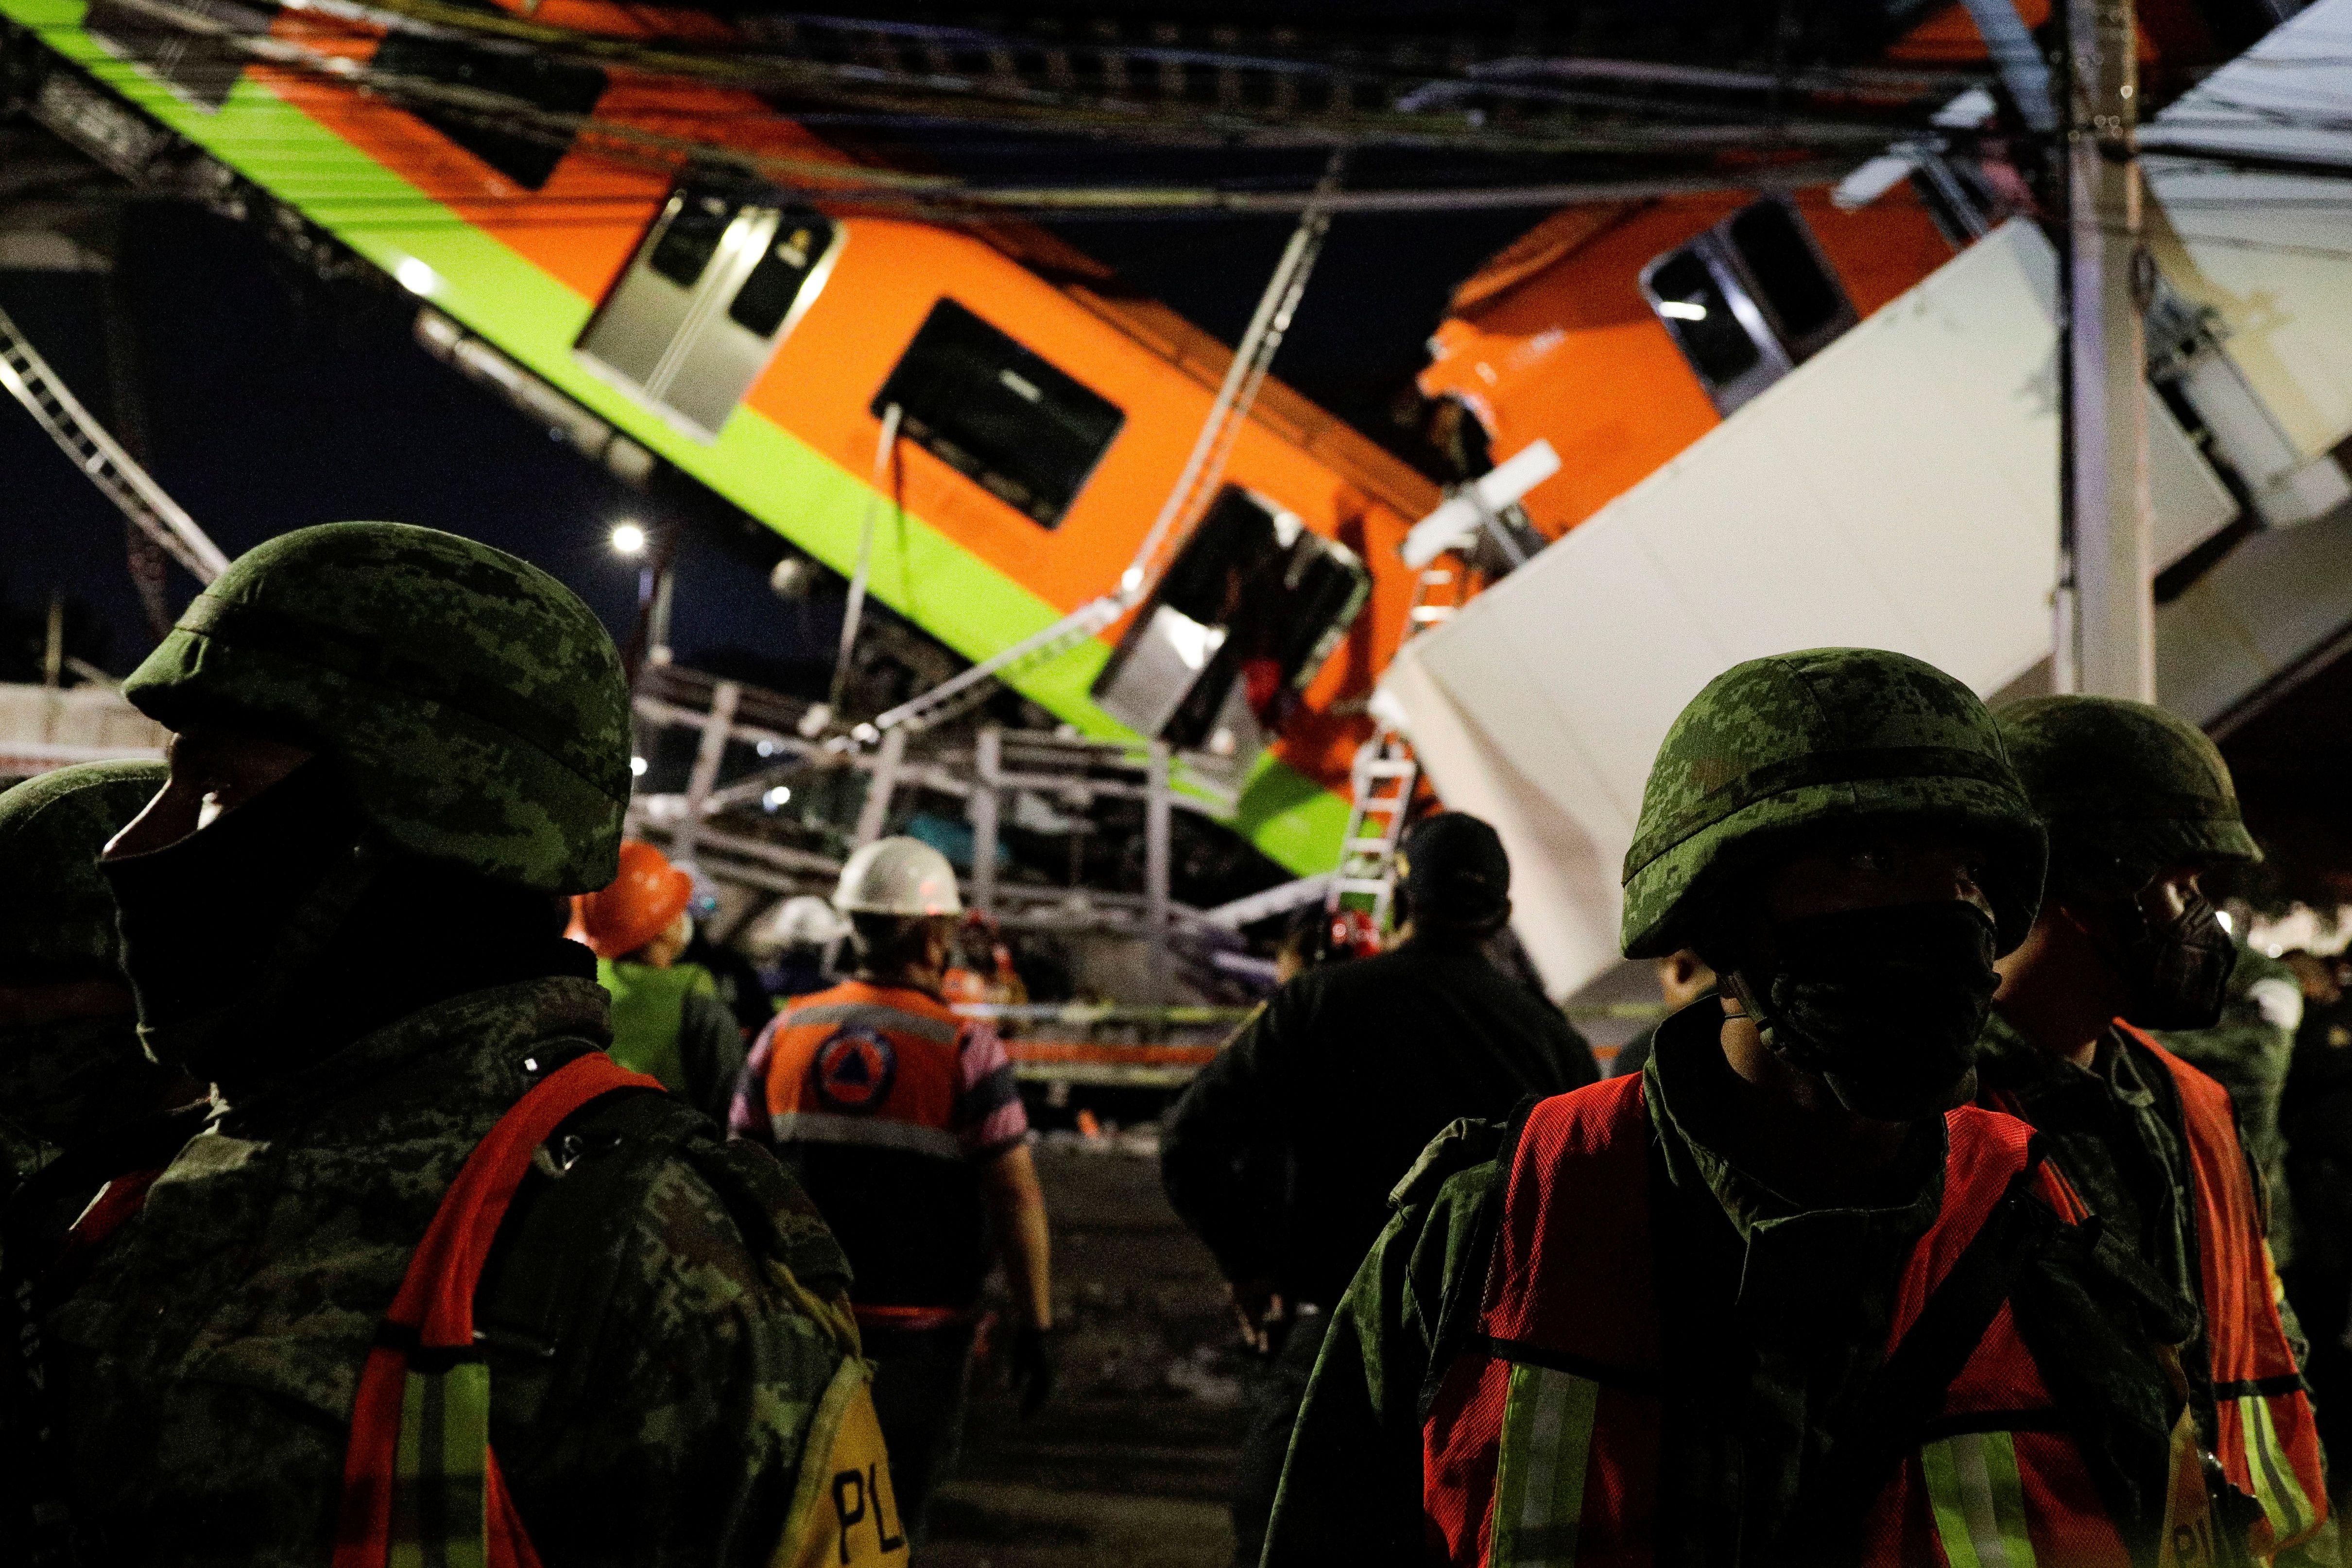 Los socorristas trabajan en el sitio donde un paso elevado de un metro colapsó parcialmente mientras pasaba el tren en la estación de Olivos, en la Ciudad de México, en la madrugada del 4 de mayo de 2021 (Reuters/ Luis Cortes)